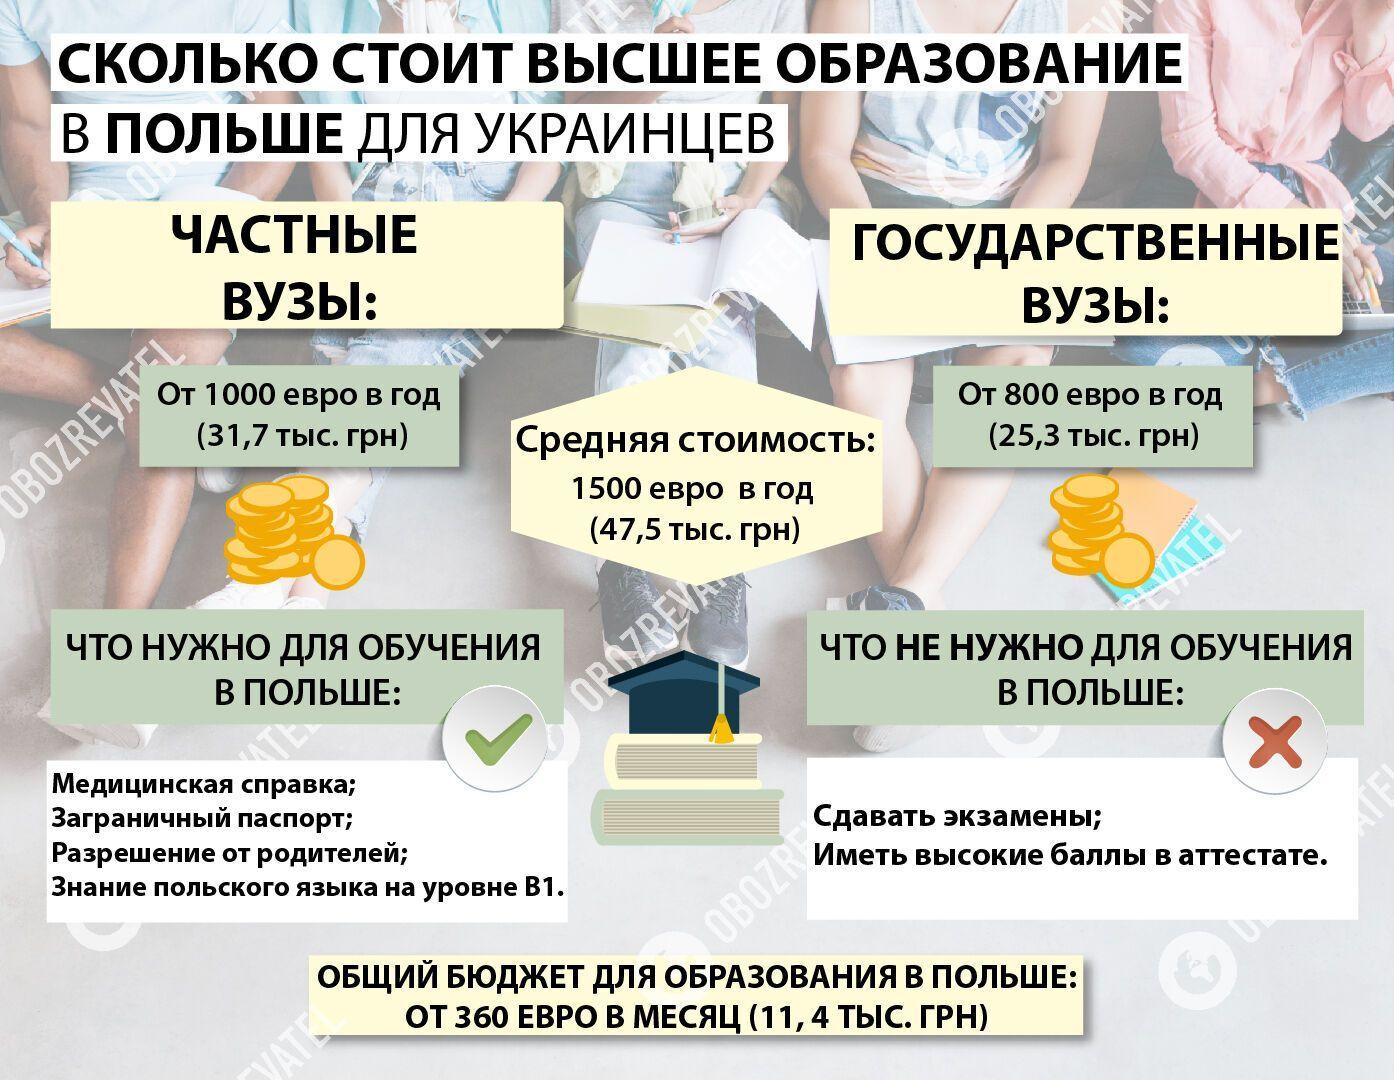 Высшее образование в Польше дешевле получать в государственных вузах